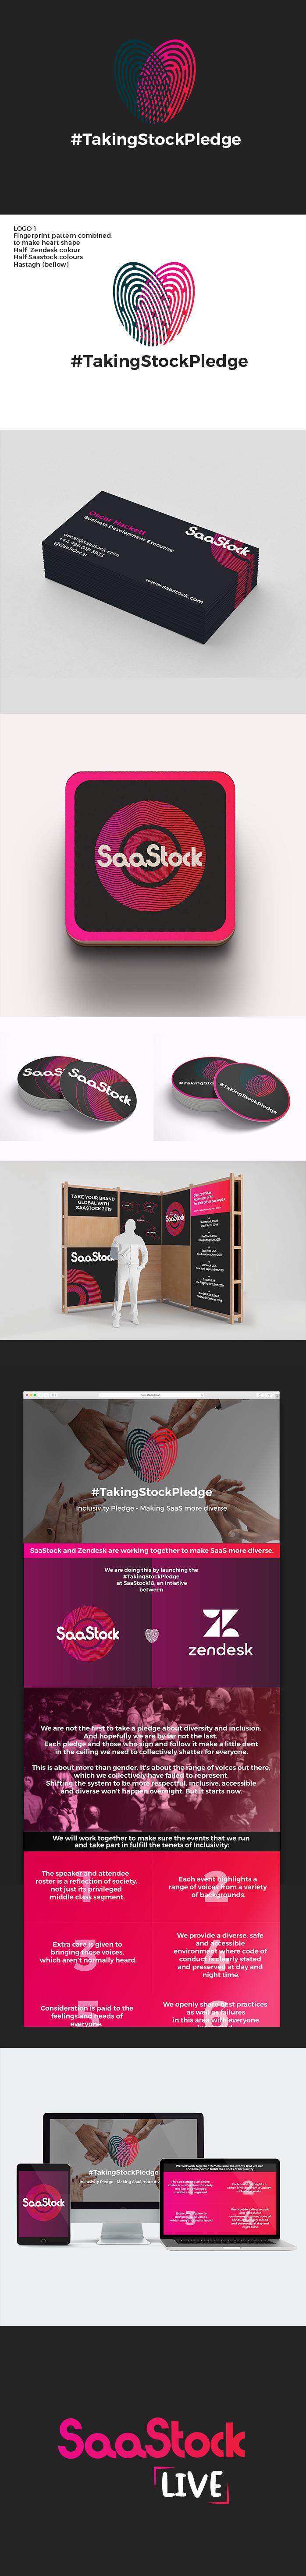 Saastock-website